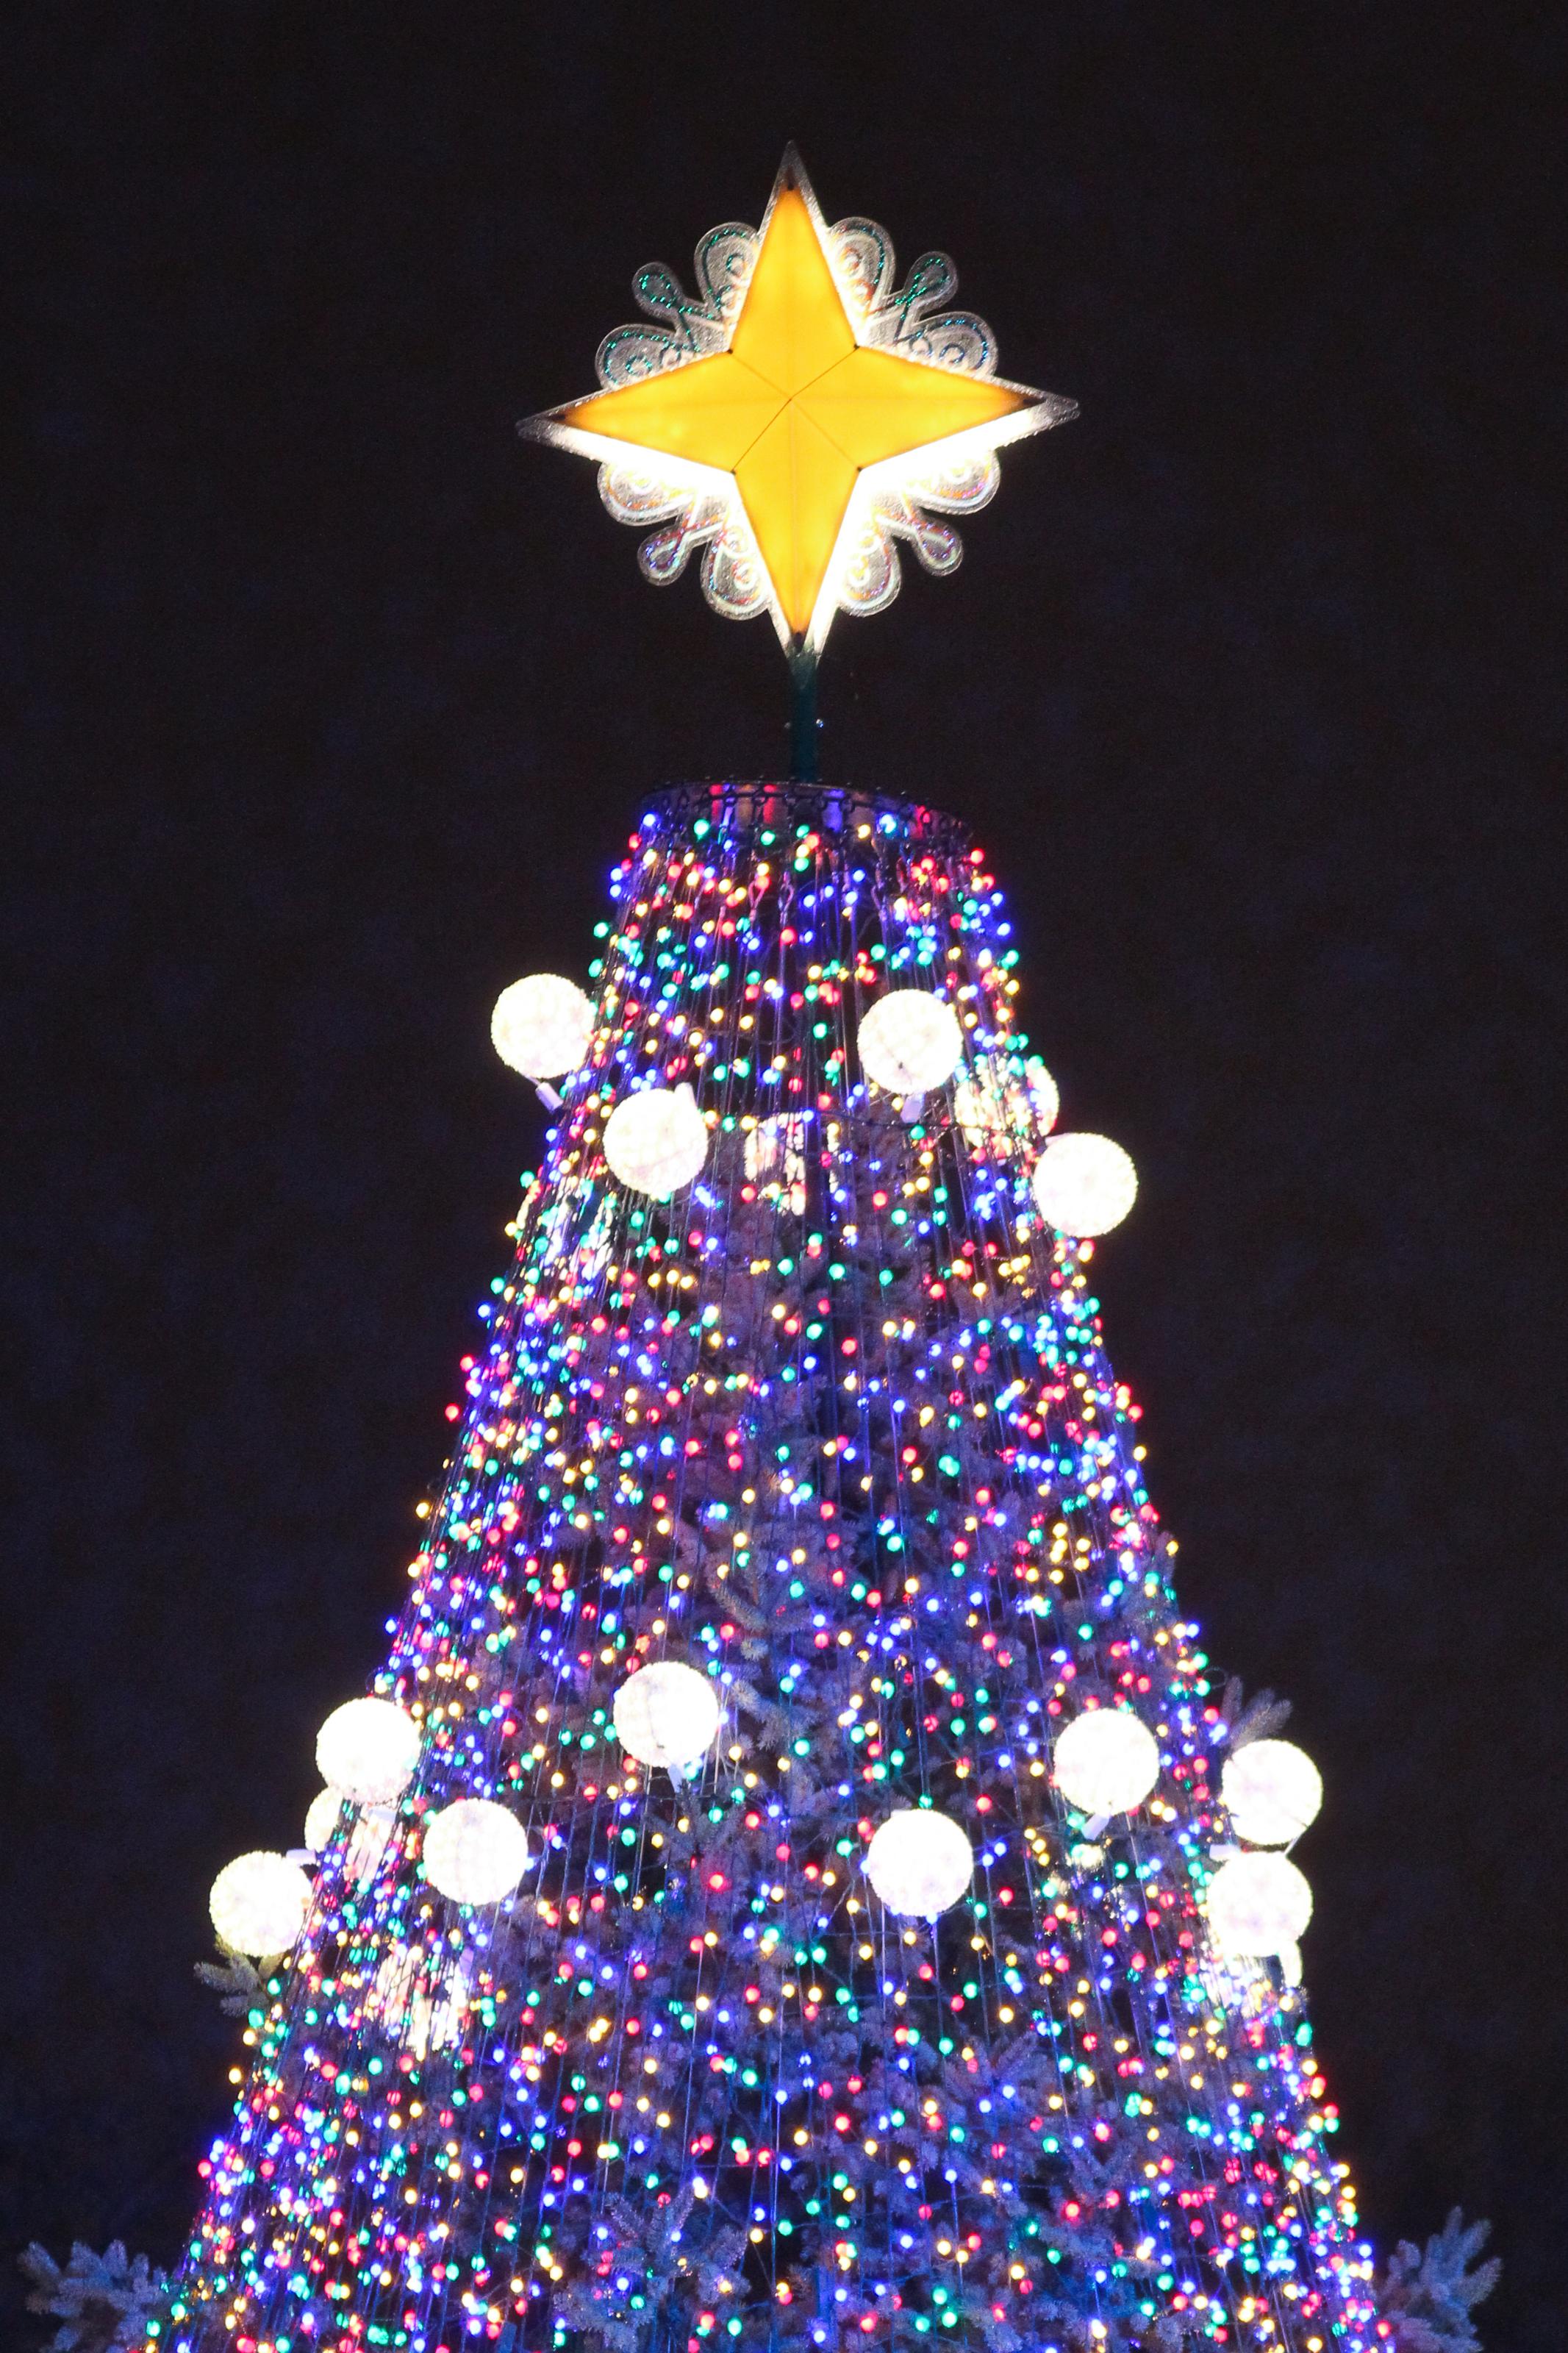 National Christmas Tree & GE Lighting Illuminates the National Christmas Tree | GE Lighting ... azcodes.com